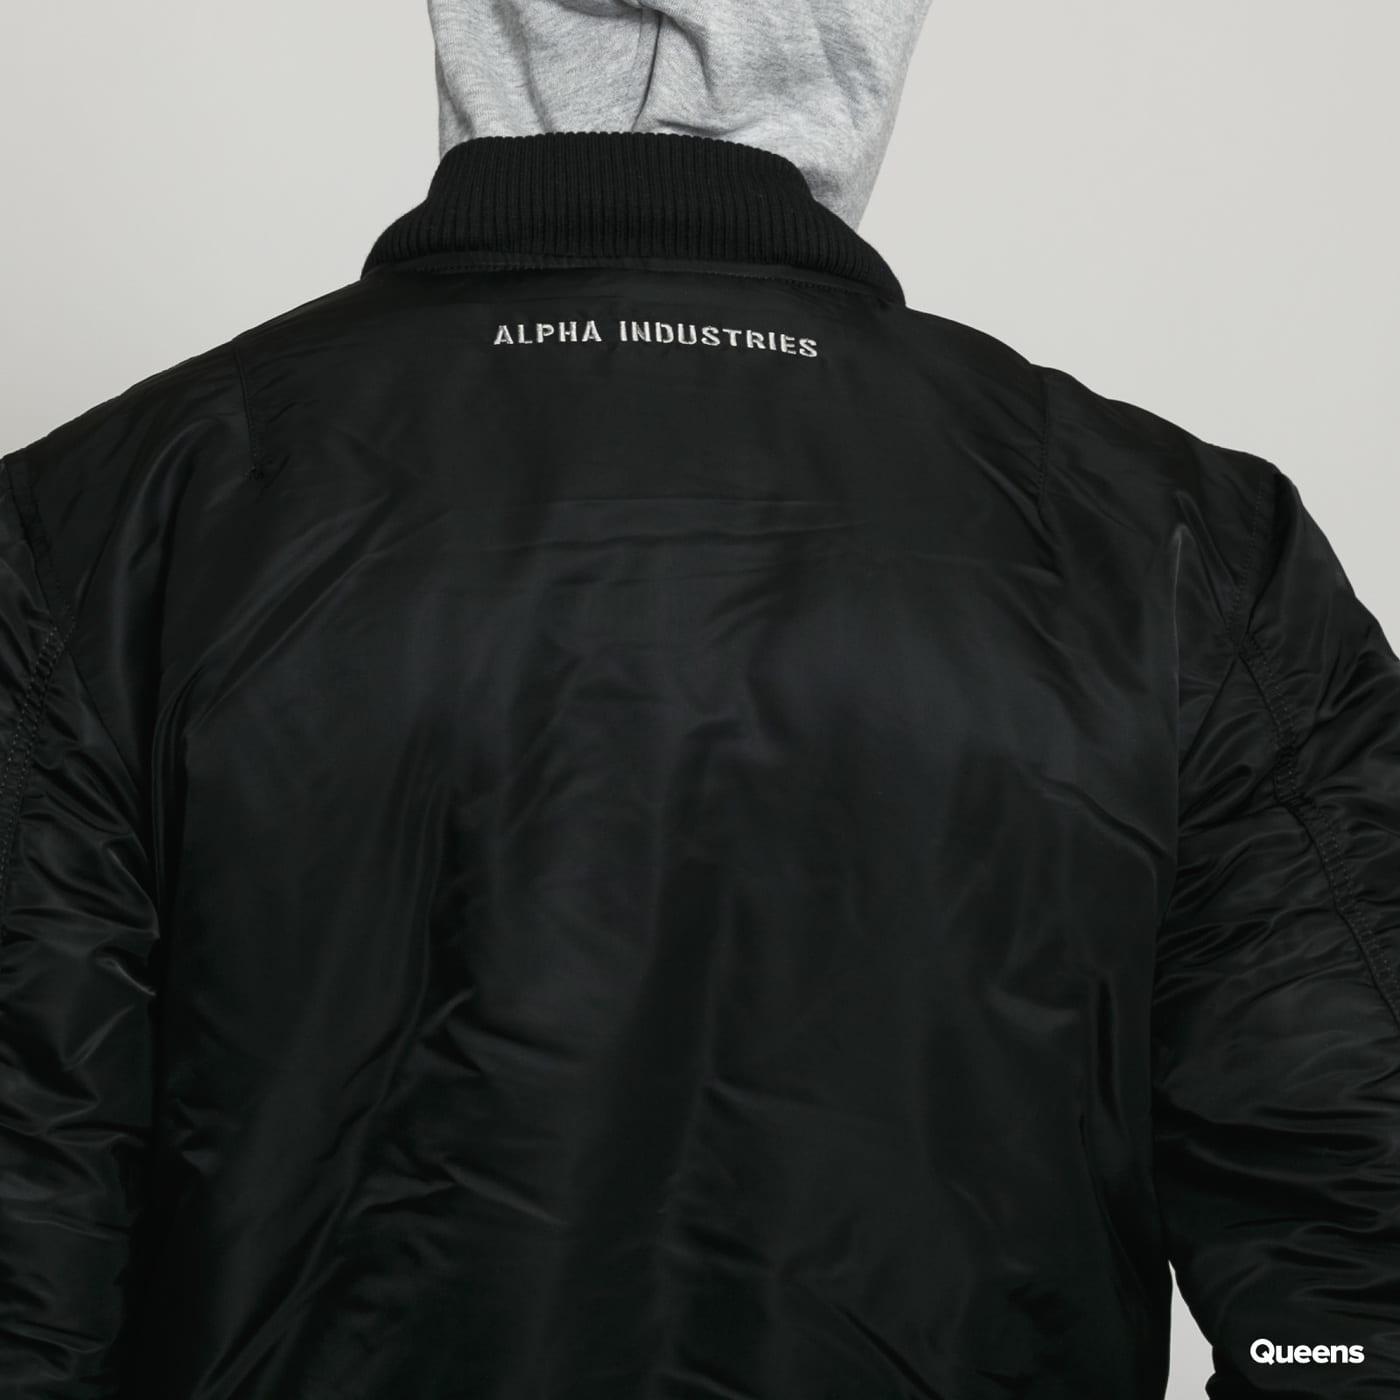 new product 65a14 3cf87 Alpha Industries MA-1 D-Tec SE black / melange gray